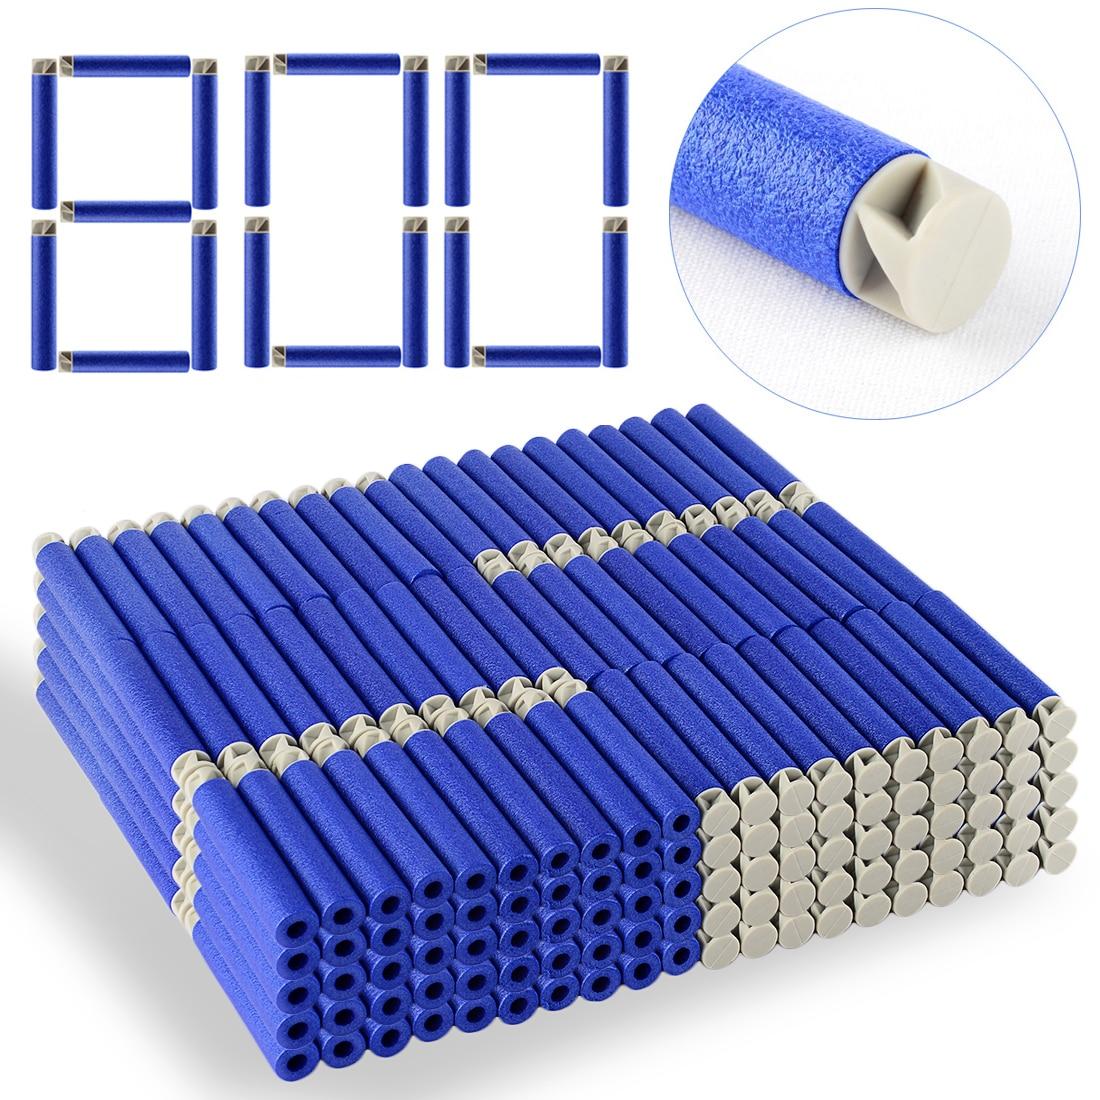 Soft Bullet Flat Soft Head Foam Bullets for Nerf N-strike Elite Series 7.4c*1.3cm - Dark Blue + Grey термобелье woodland soft thermo xl dark grey 0049584